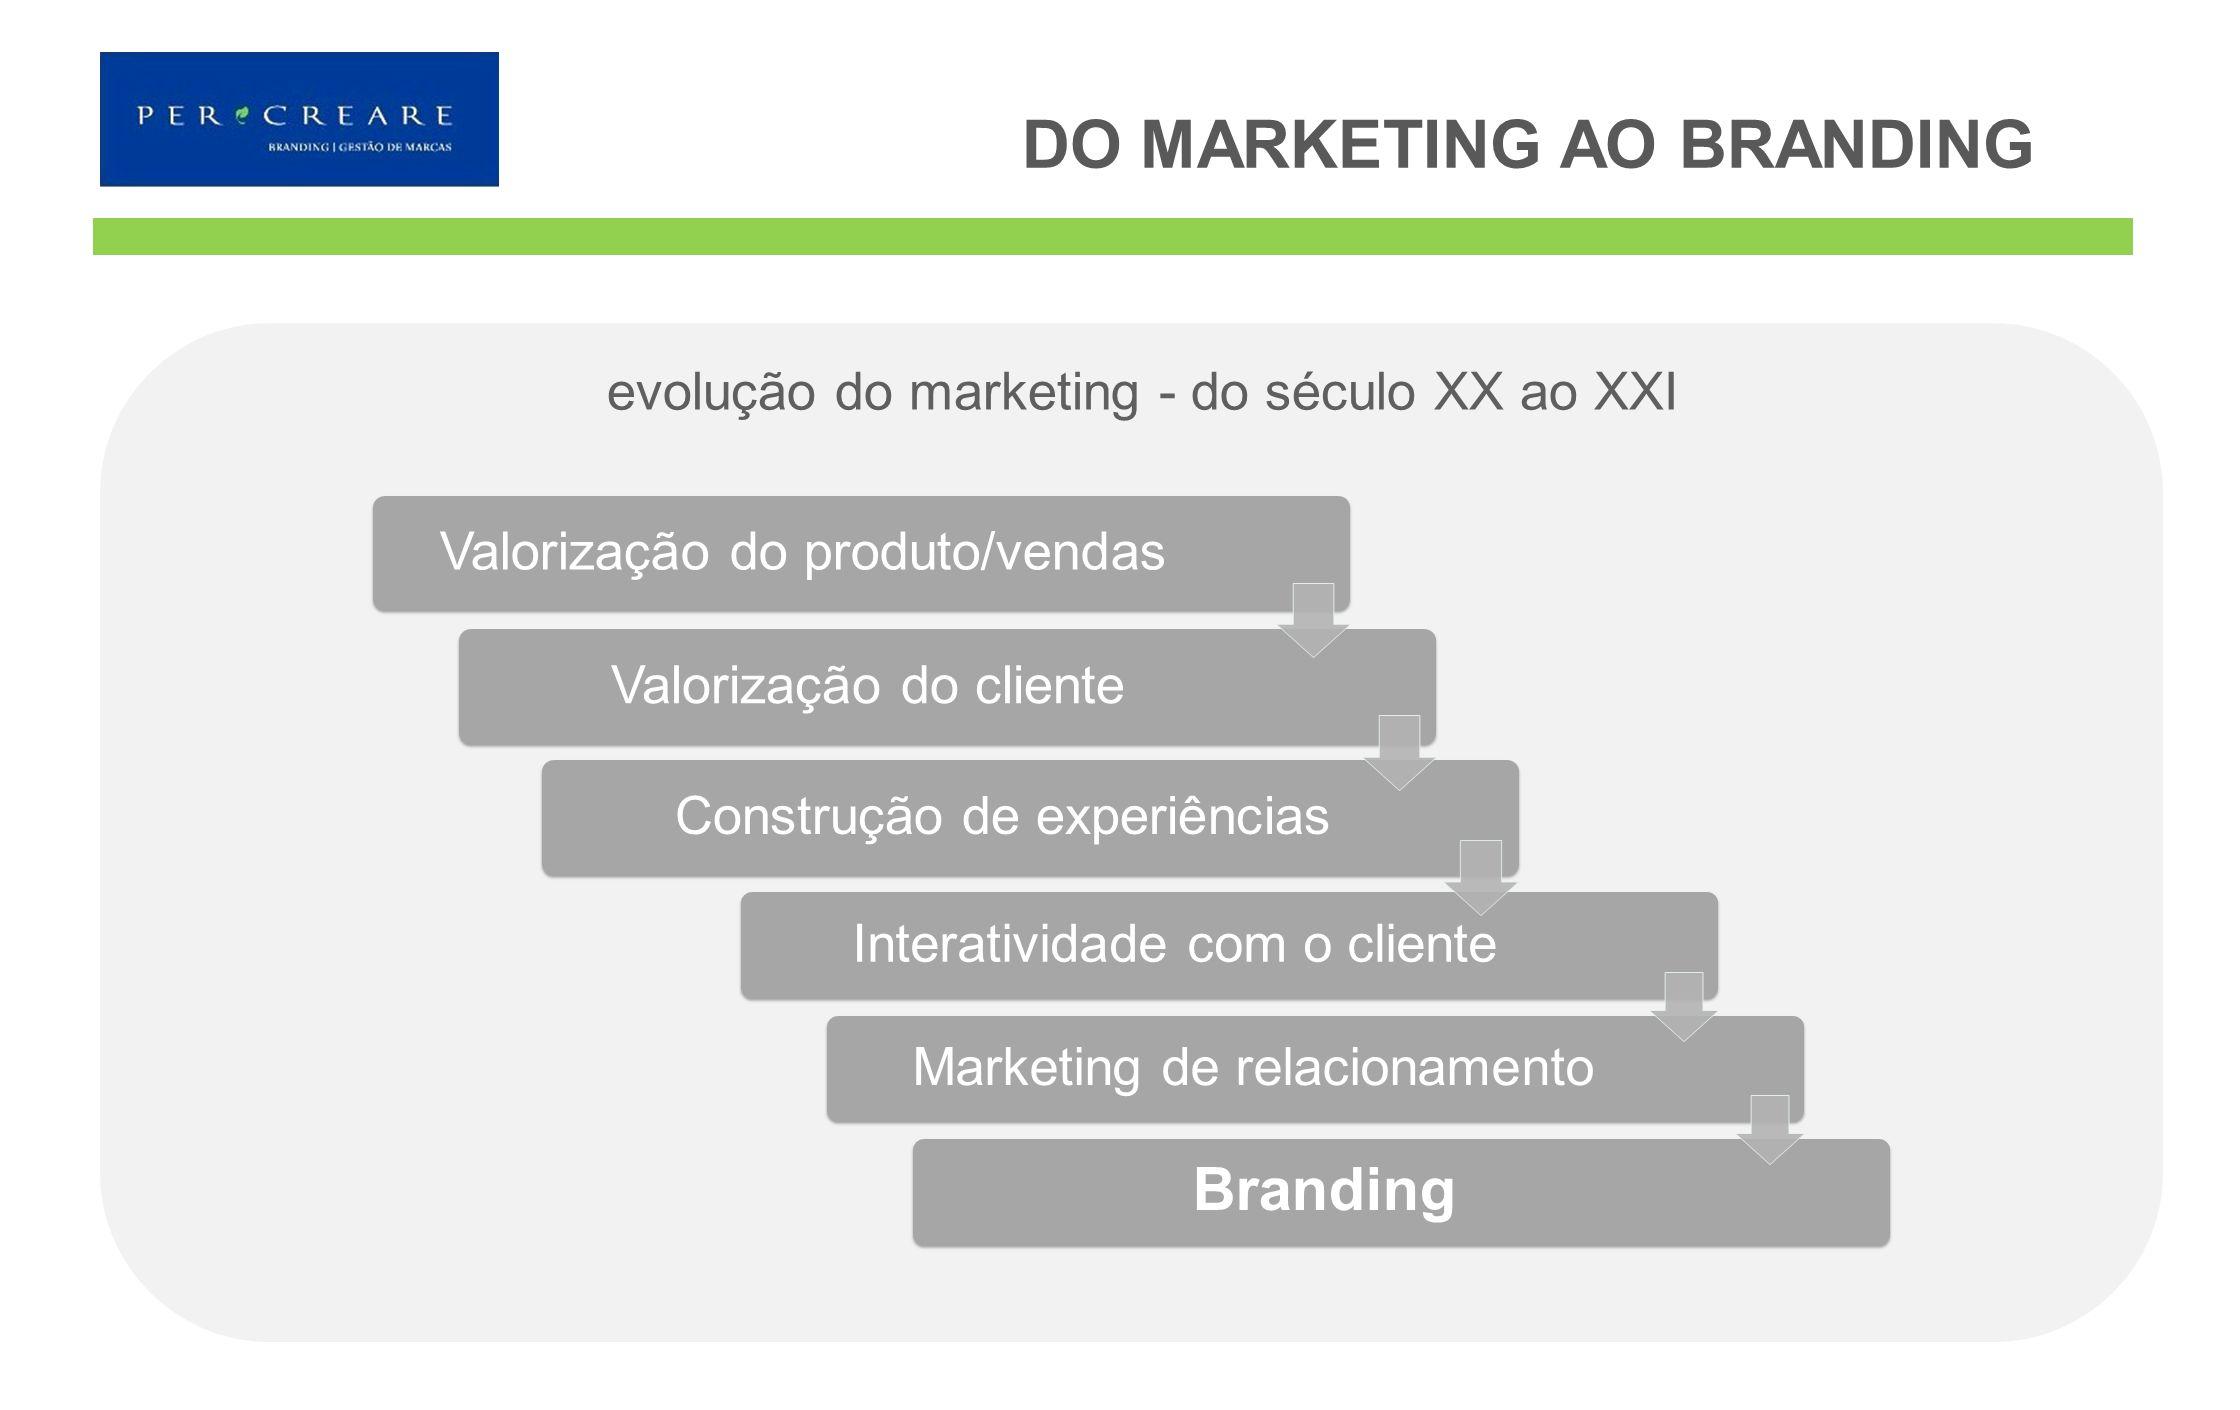 evolução do marketing - do século XX ao XXI Valorização do produto/vendasValorização do cliente Construção de experiências Interatividade com o client